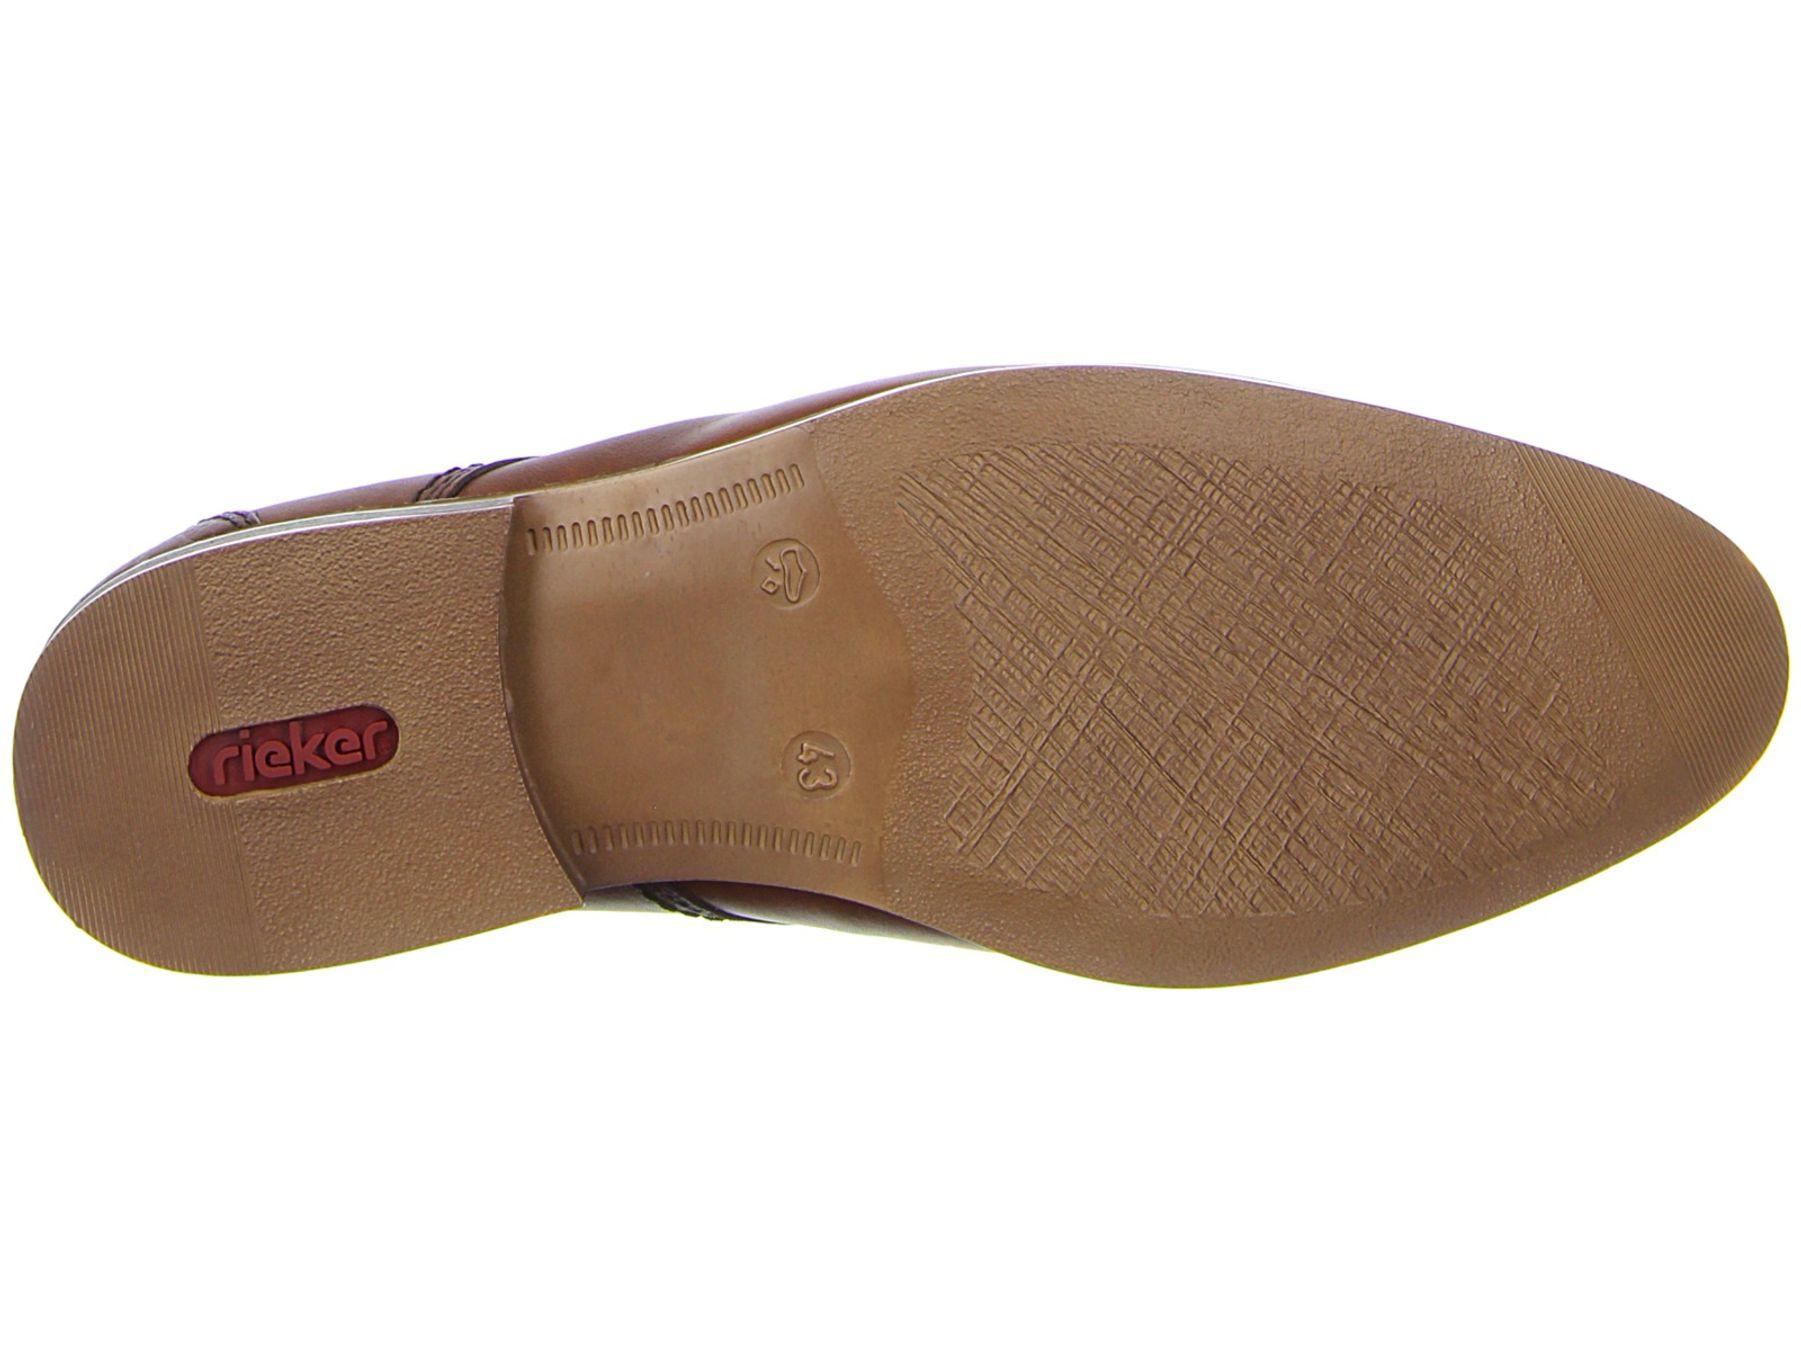 Rieker - Herren Schnür Schuh aus echtem Leder in Braun, Clarino (11621) – Bild 6